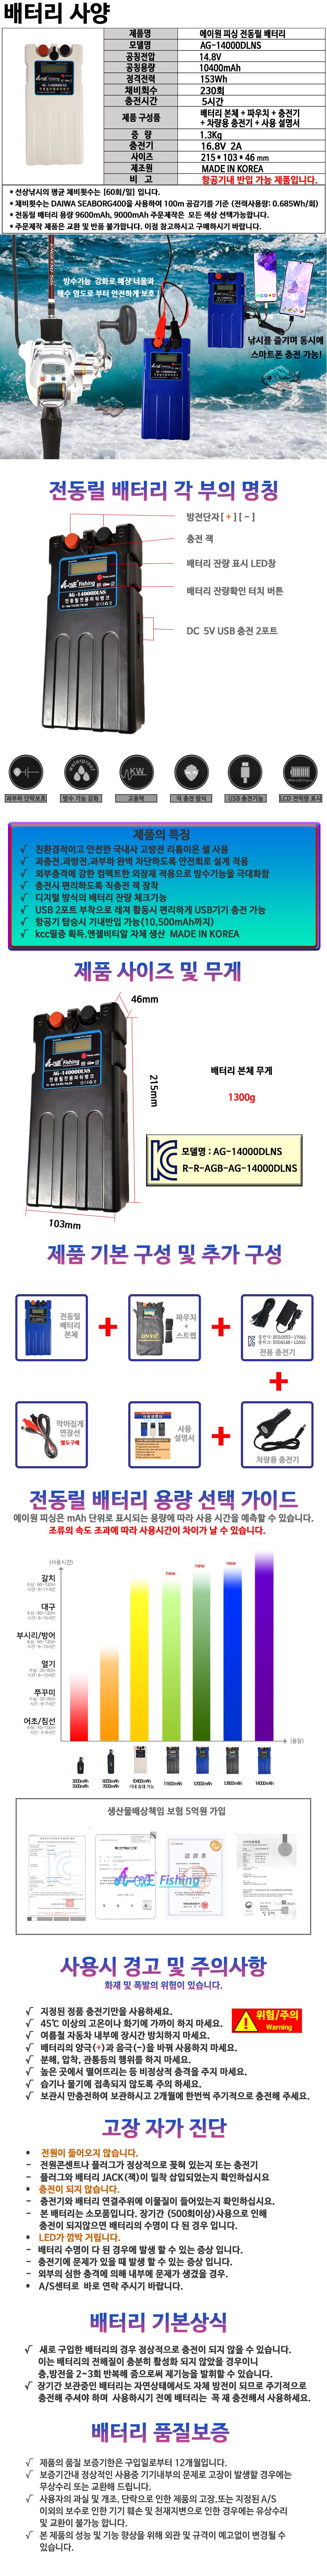 AG_14000DLNS_10400mAh.jpg